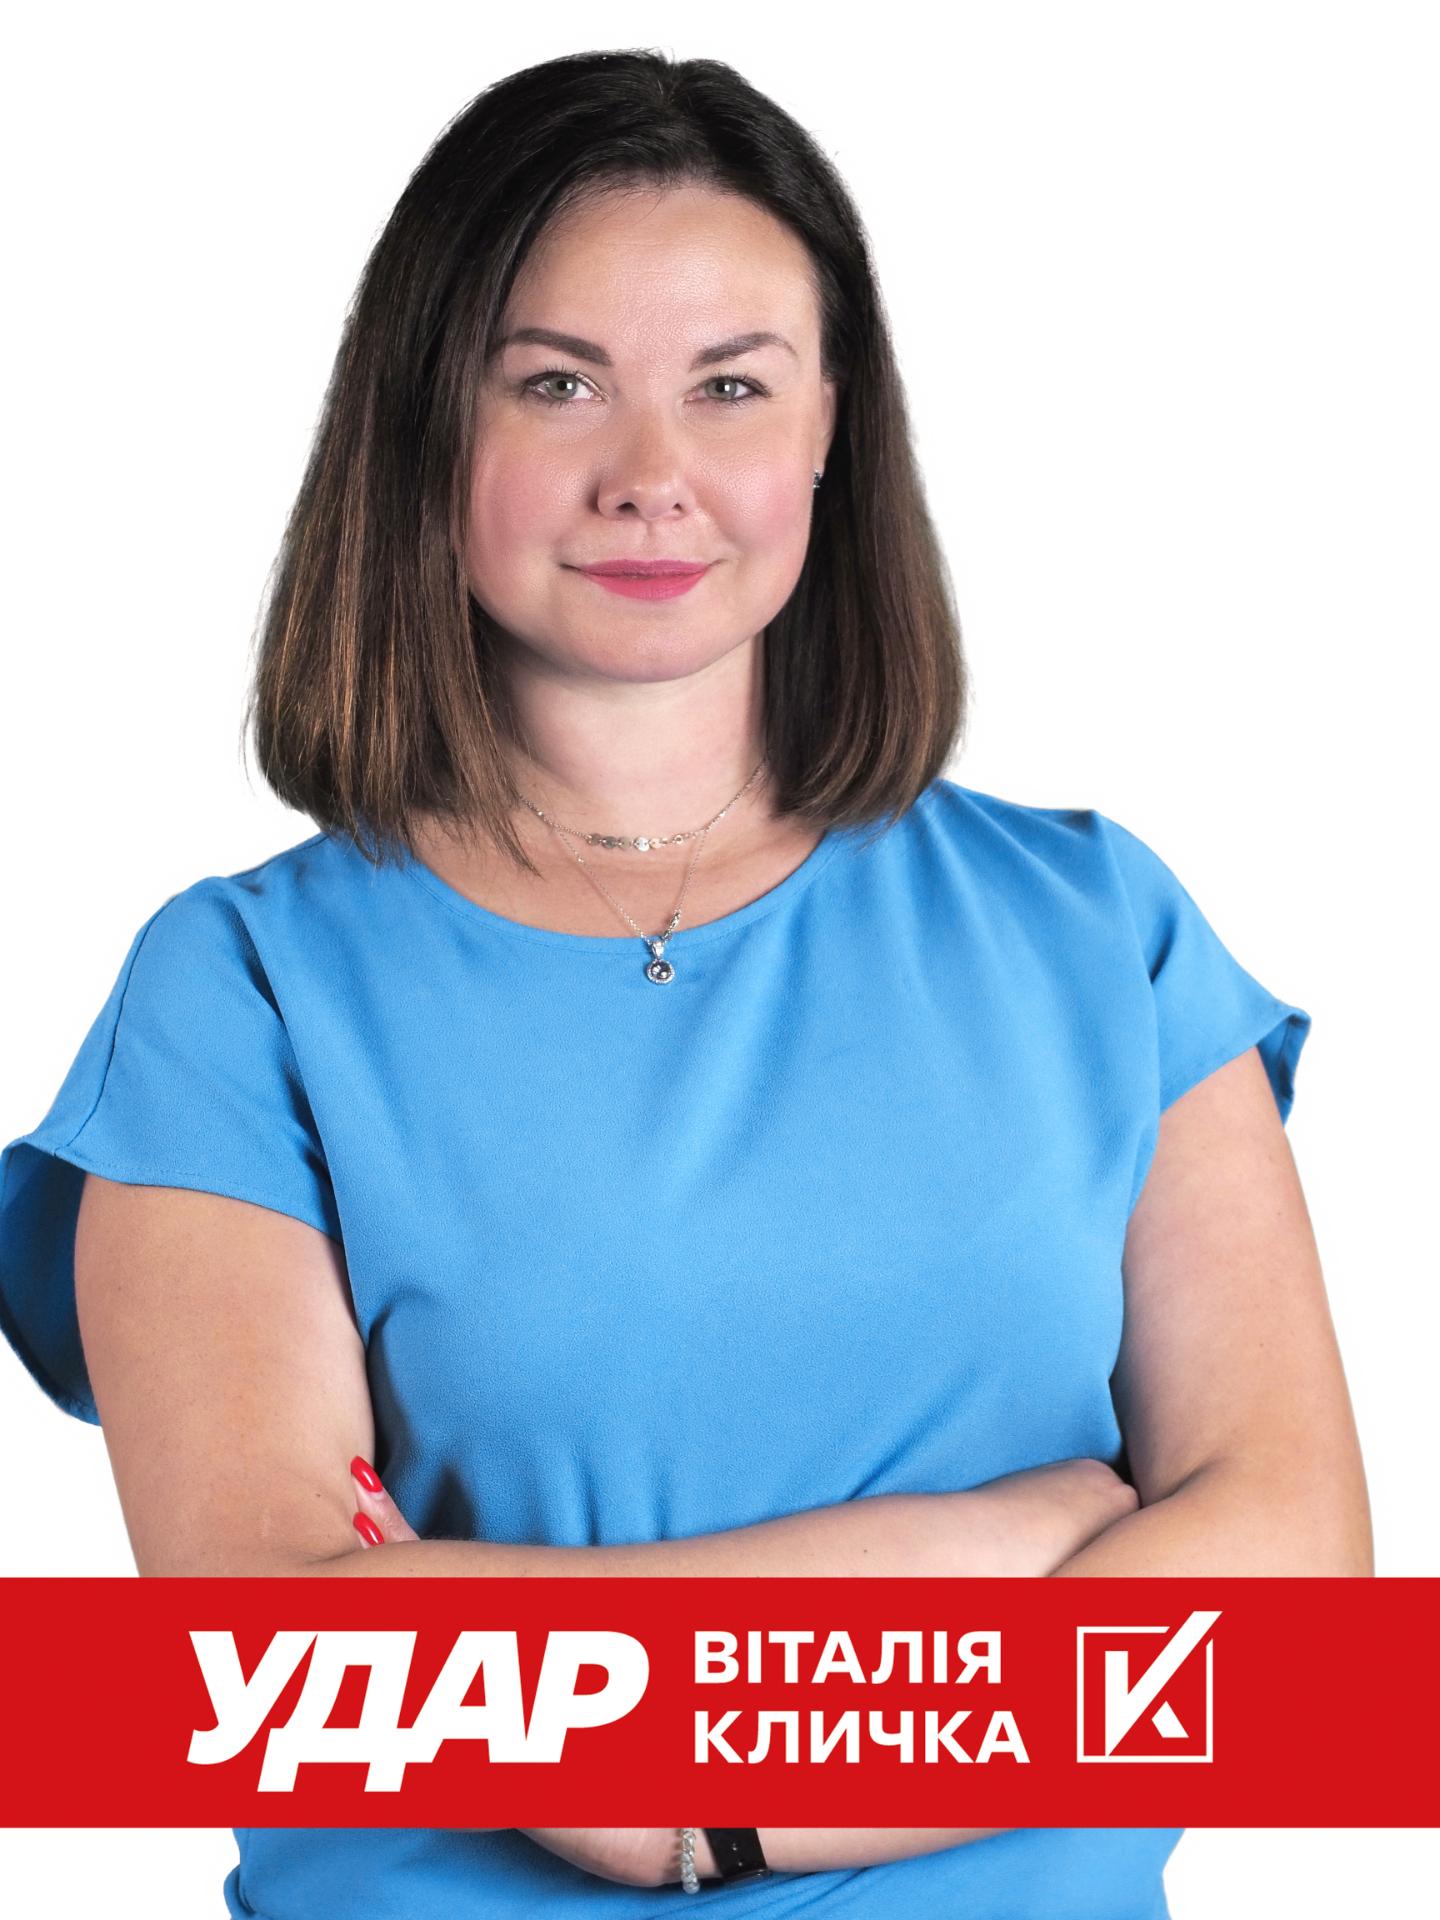 Мацюцька Ірина Євгенівна